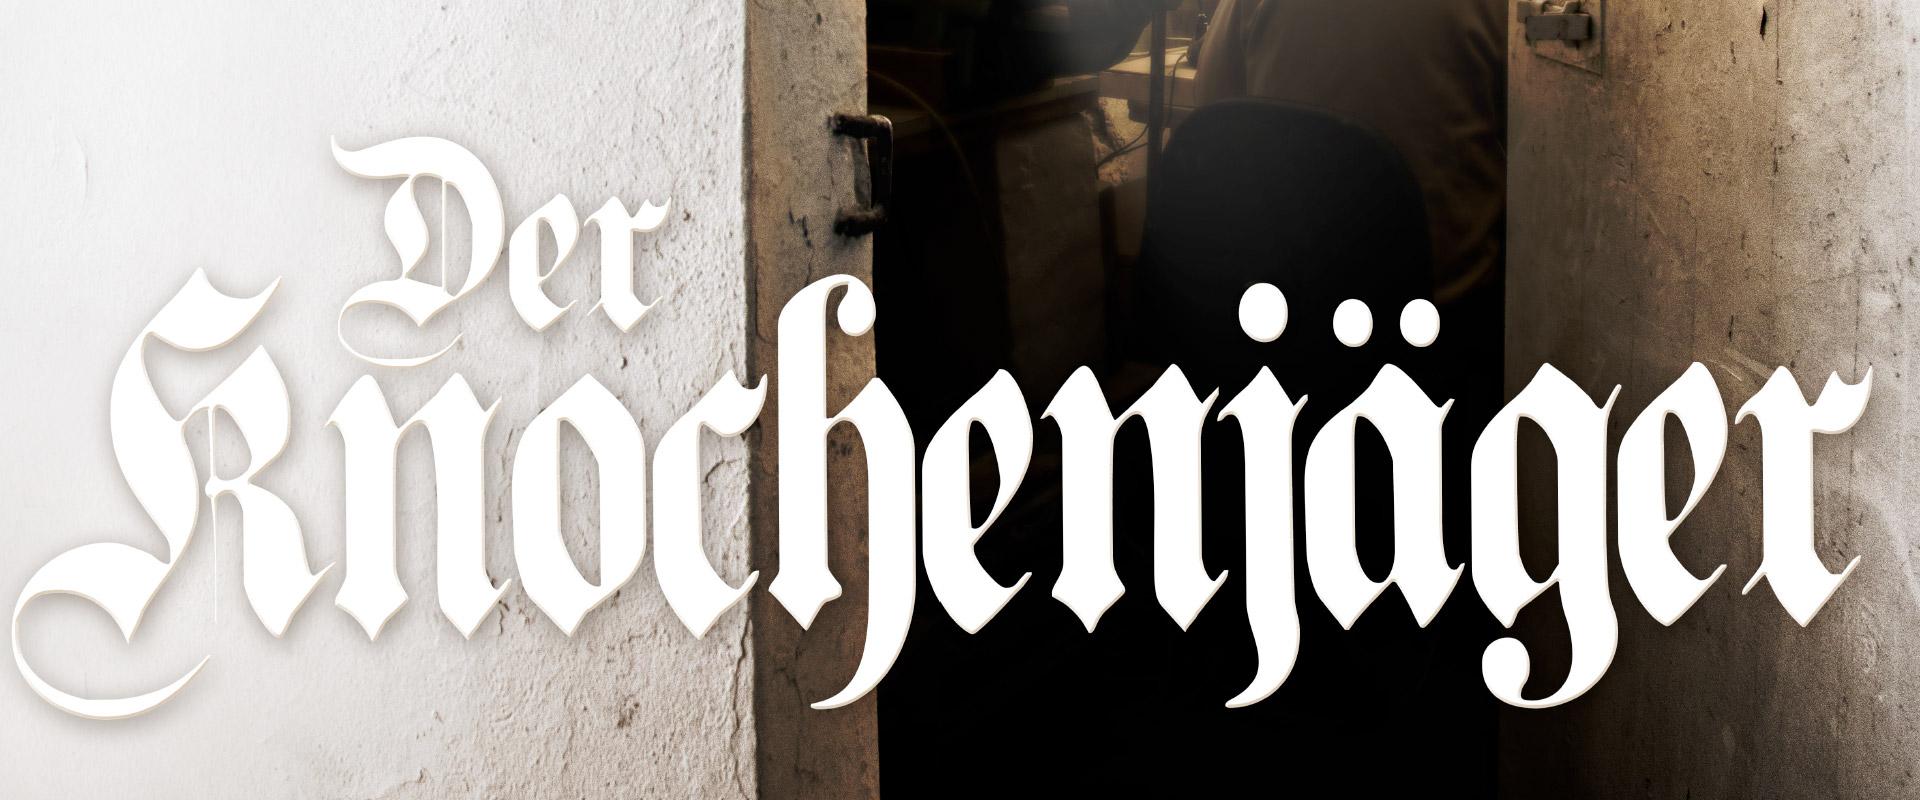 DER KNOCHENJÄGER